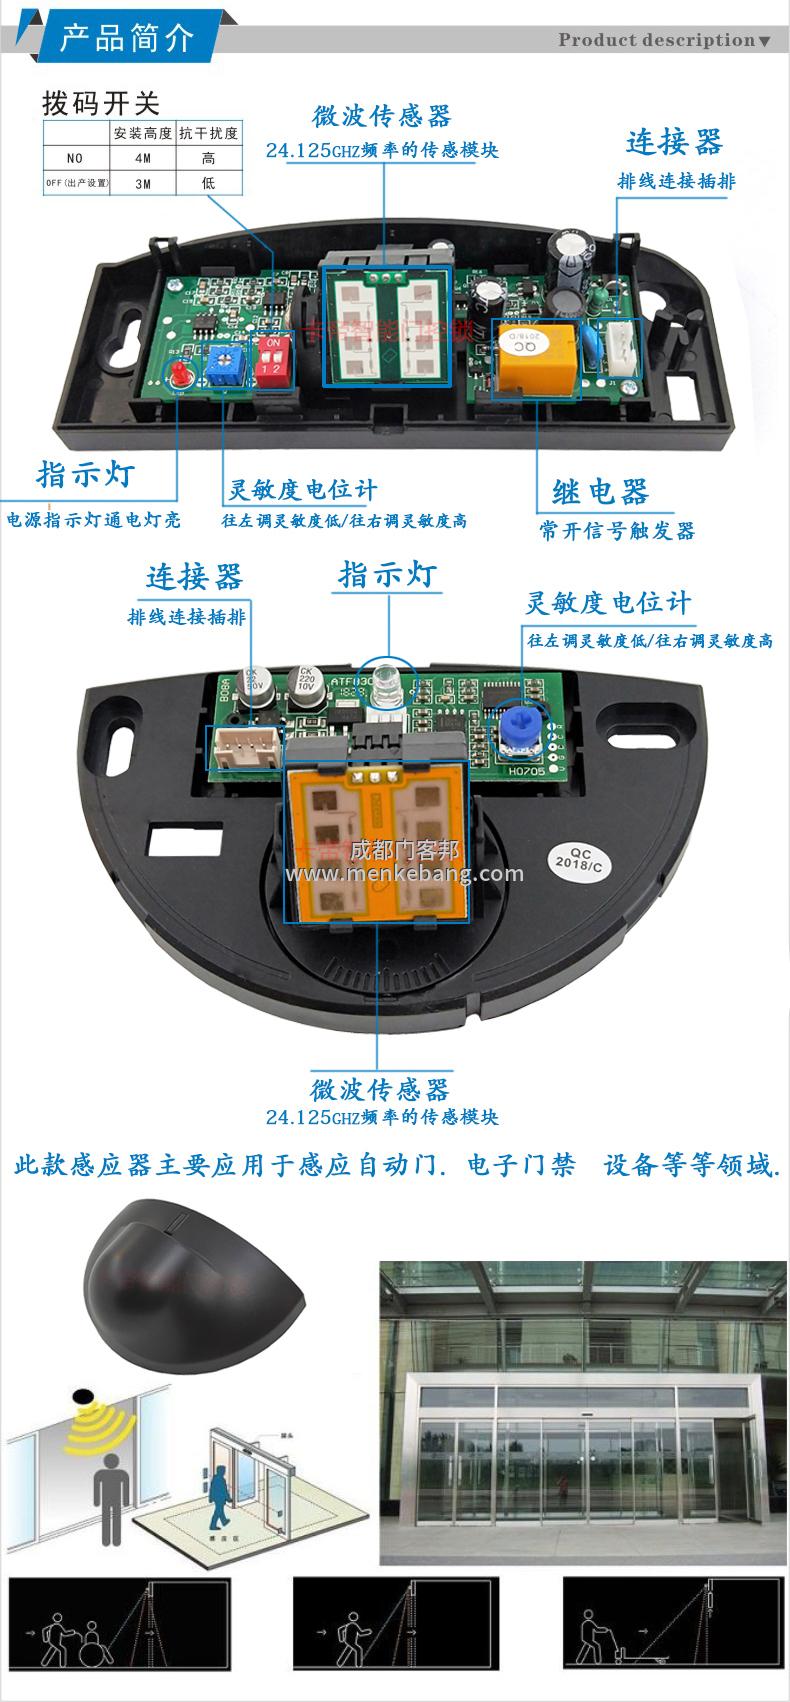 自动门感应器如何接线1